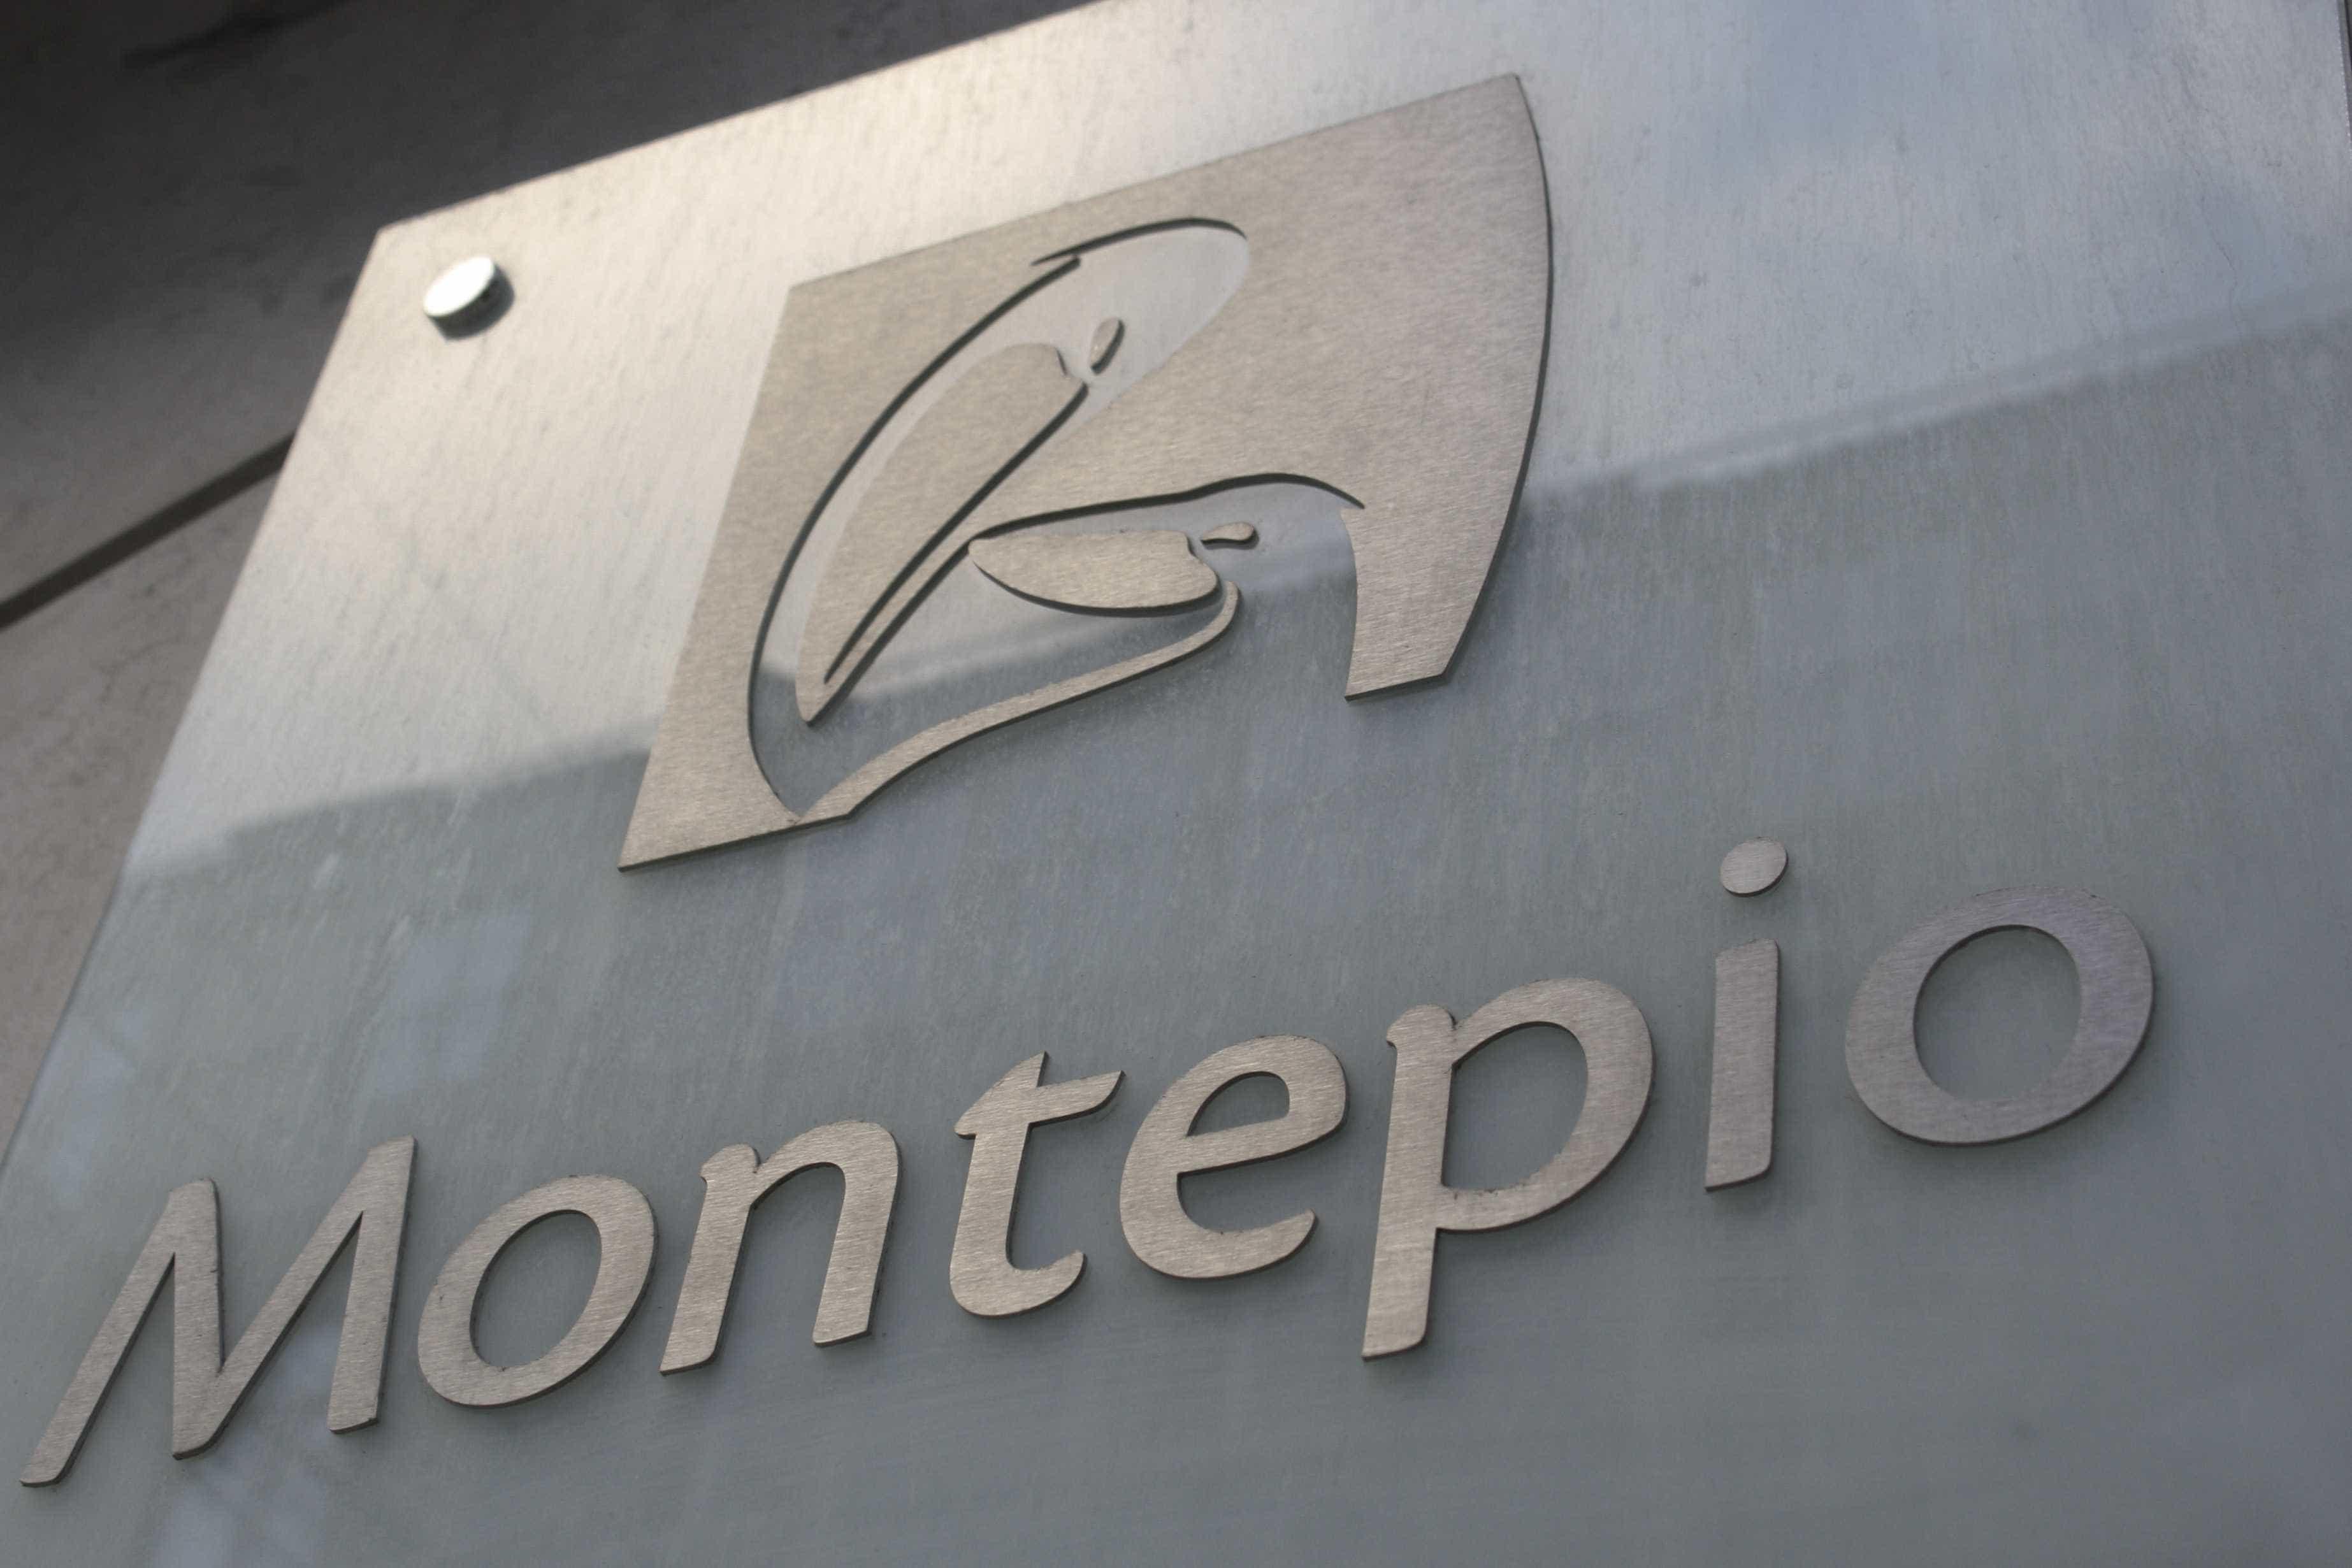 """Montepio não nota """"perturbação no negócio"""" apesar de polémicas"""